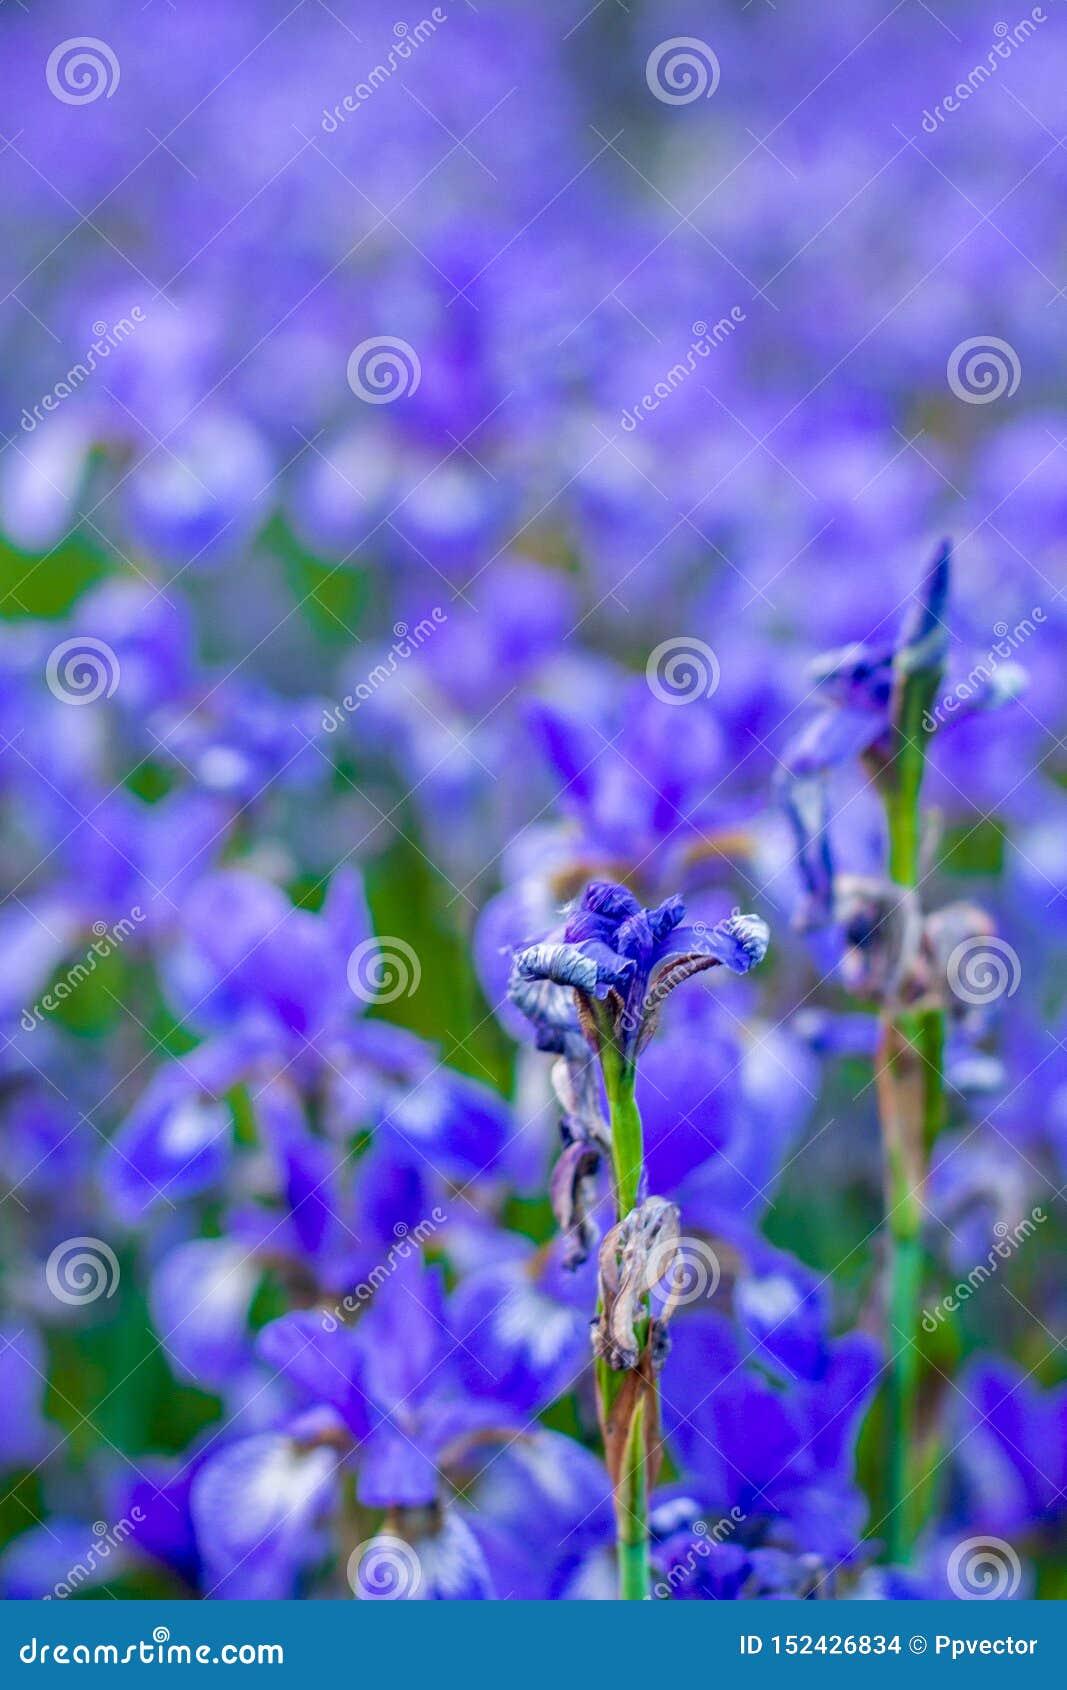 Iris flower. Blooming field of flowers